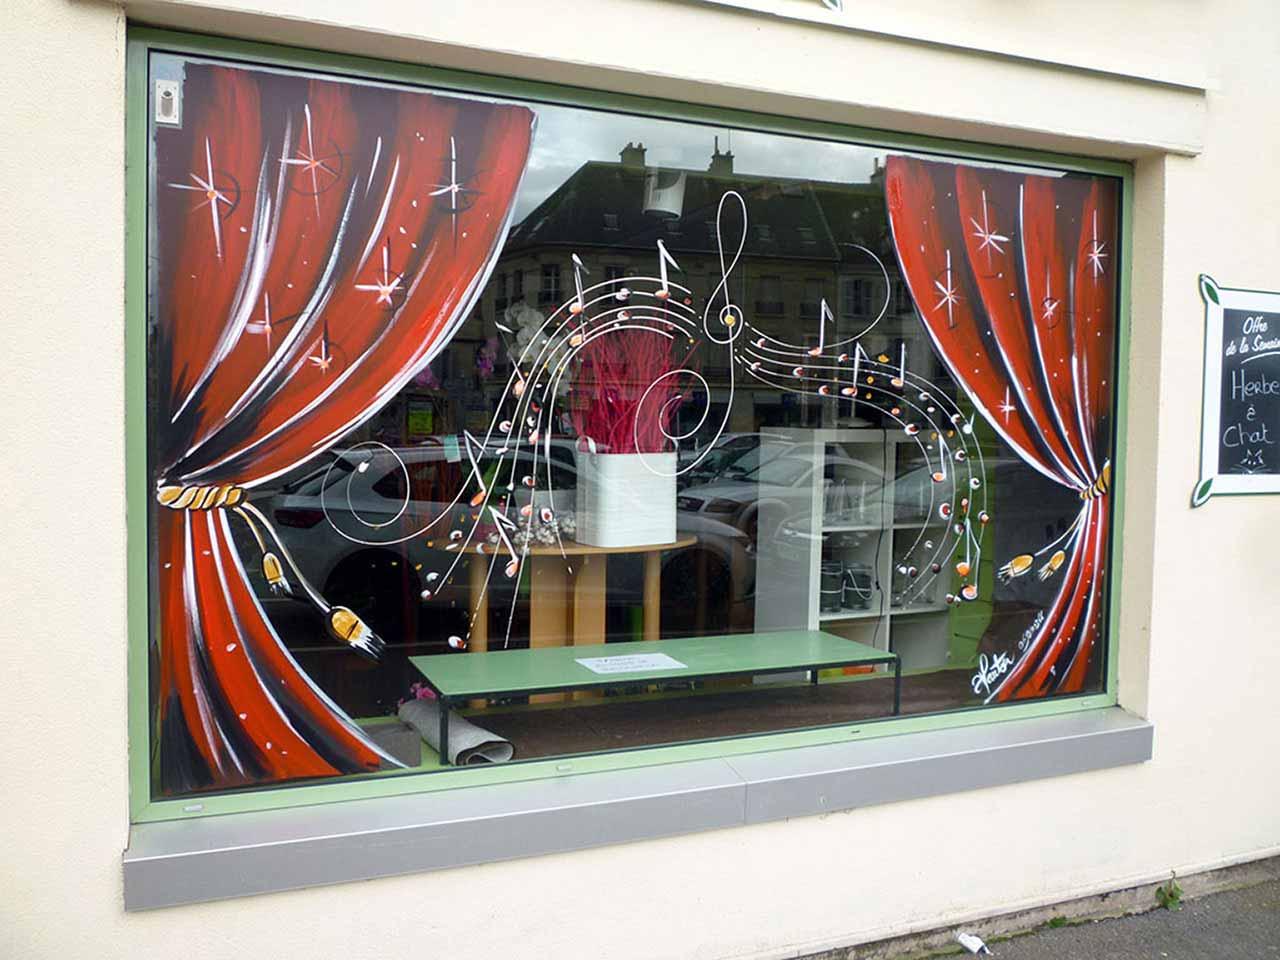 #AC391F Déco Vitrines De Noël Peinture Part 2 6007 décoration de noel pour vitrine 1280x960 px @ aertt.com